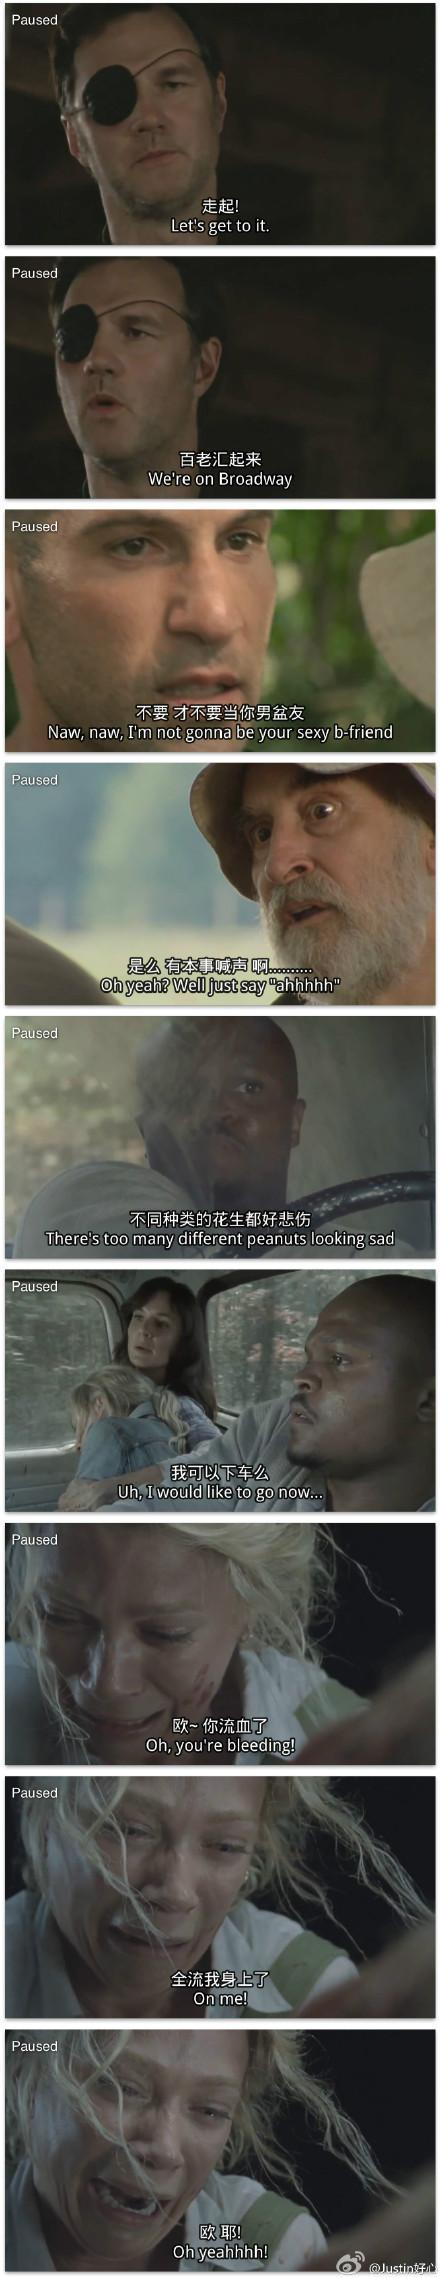 唇语恶搞笑短片《行尸走肉》爆笑神同步配音 总督唱歌给你听 超清双语字幕.